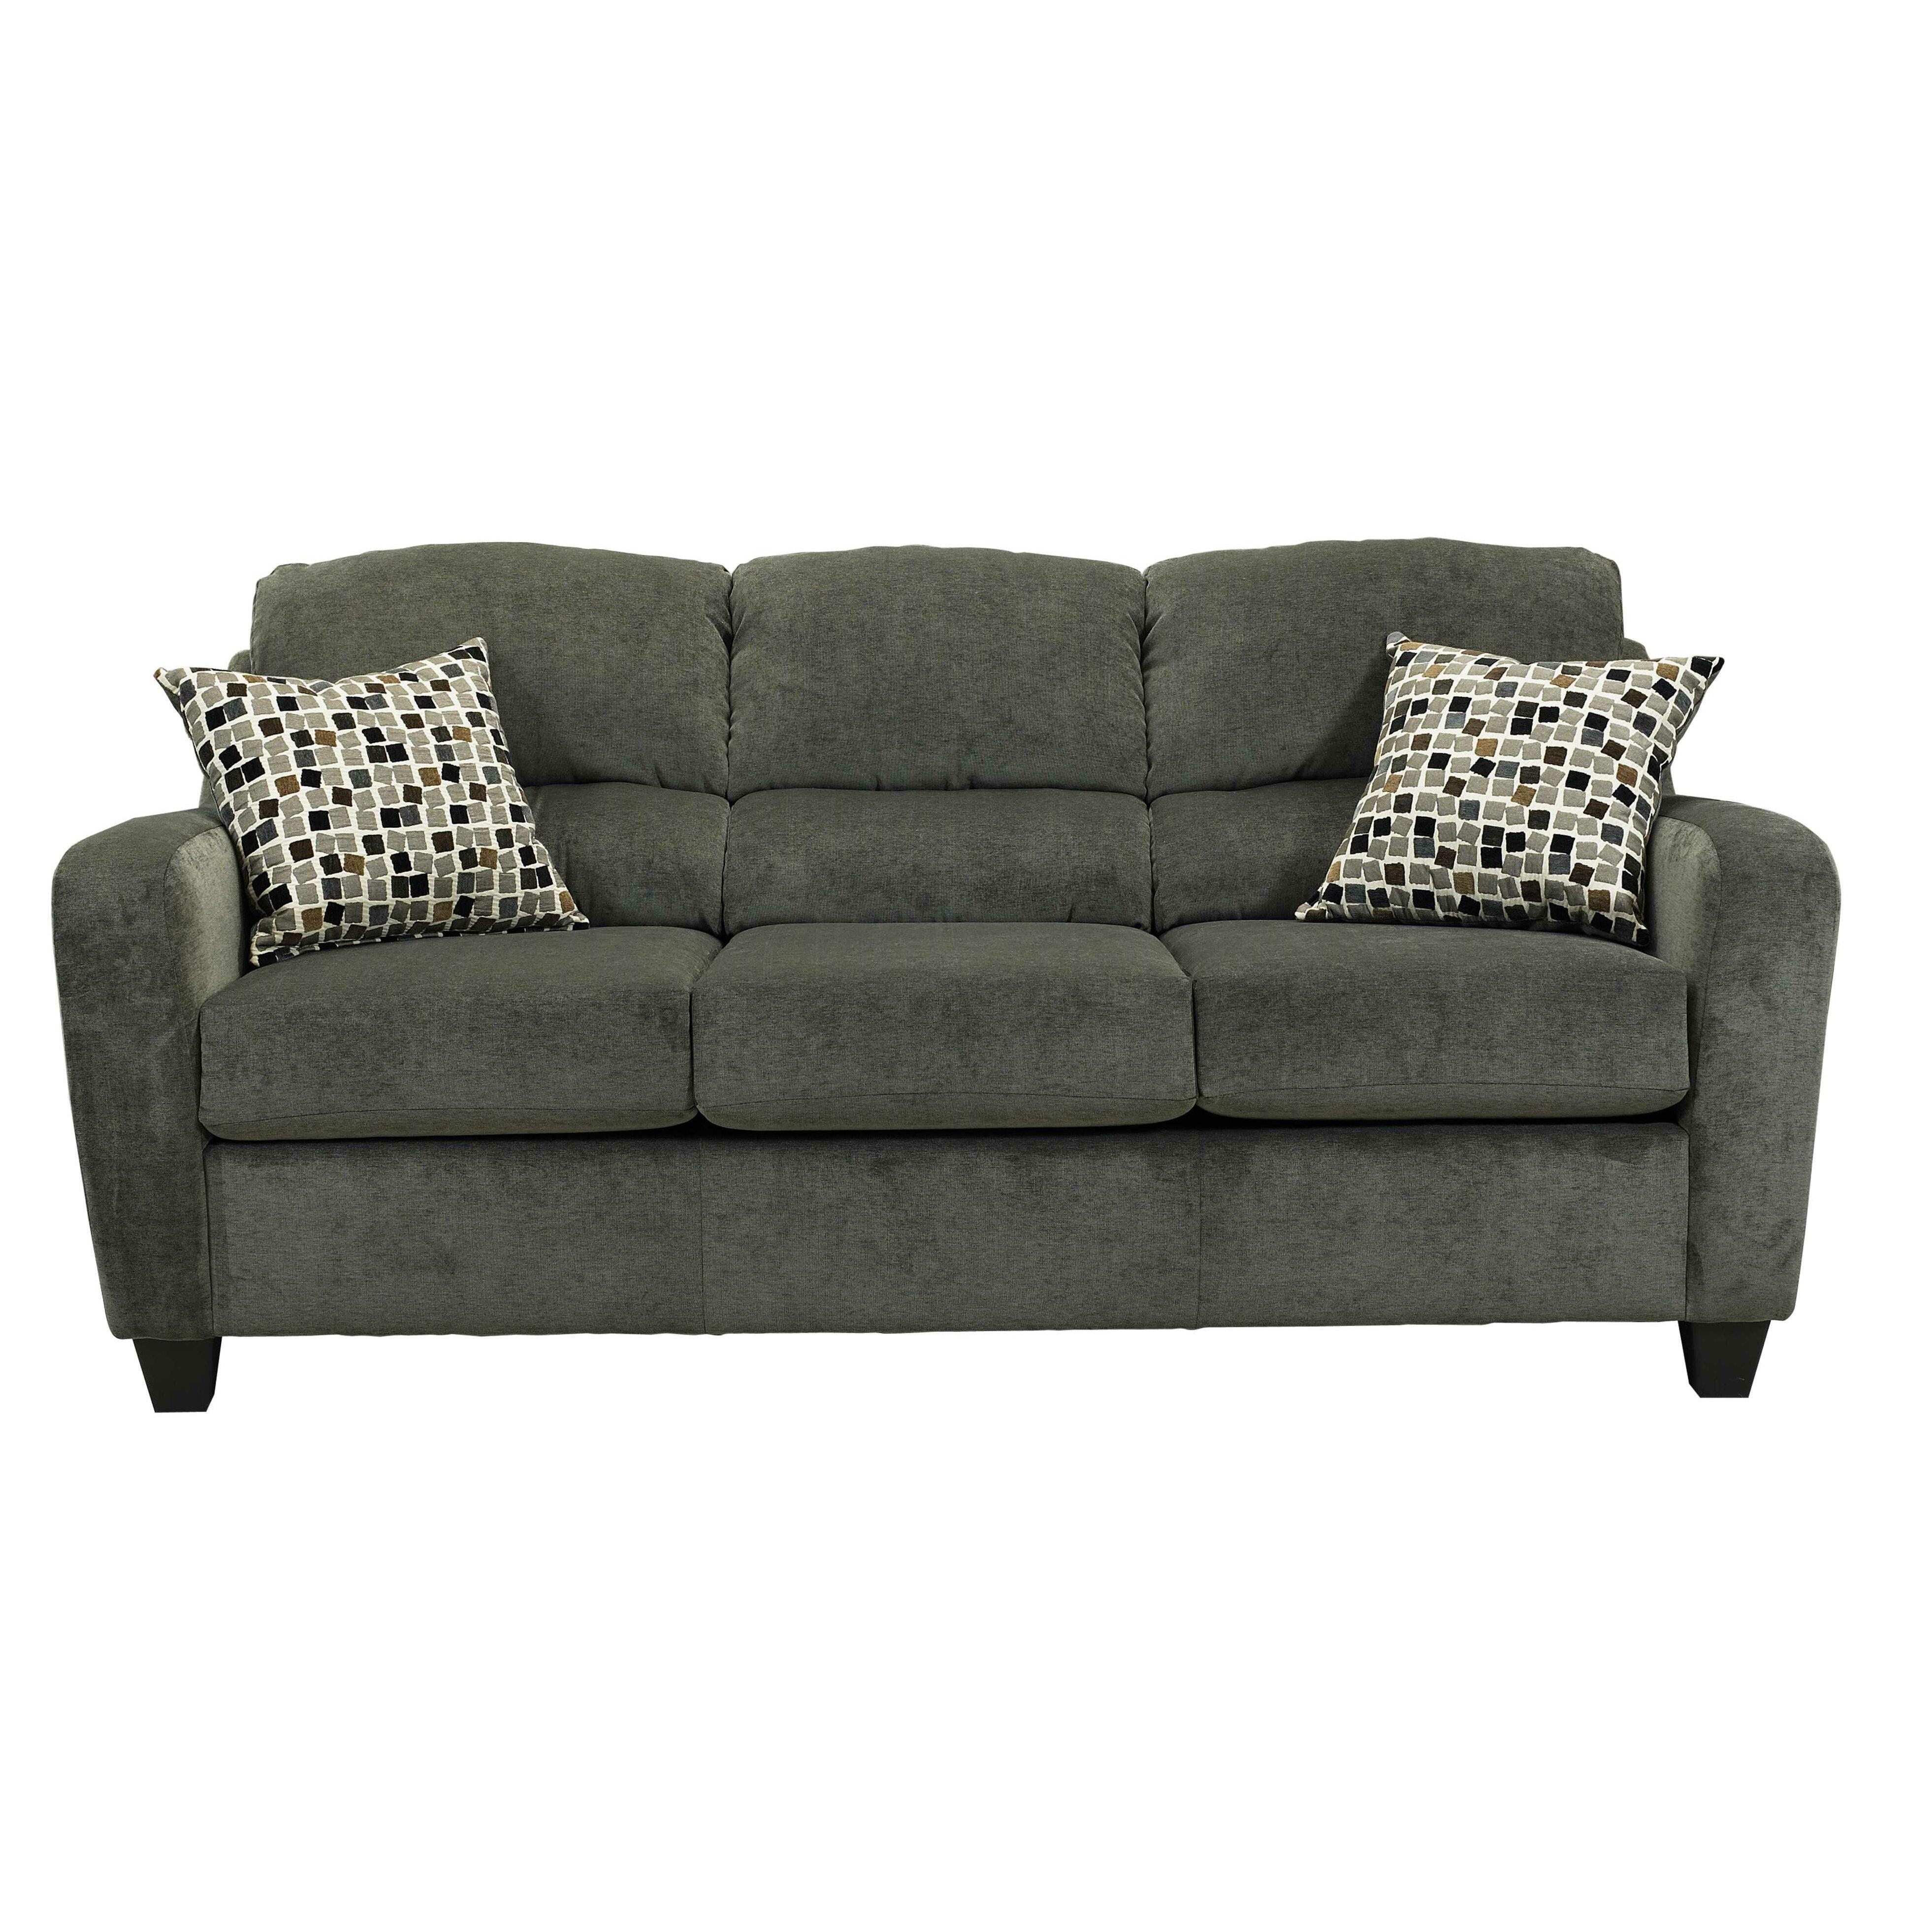 Sleeper Sofas Charlotte Nc Refil Sofa